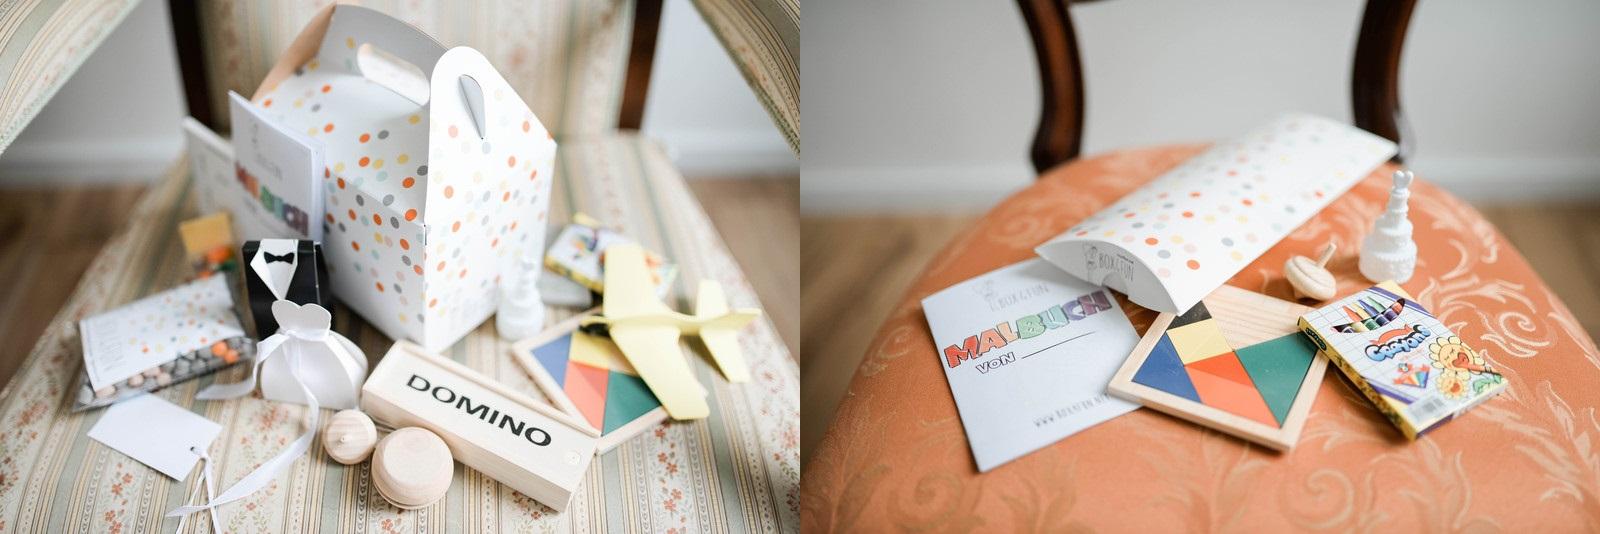 gutscheine zur hochzeit unserer partner f r unsere leser. Black Bedroom Furniture Sets. Home Design Ideas